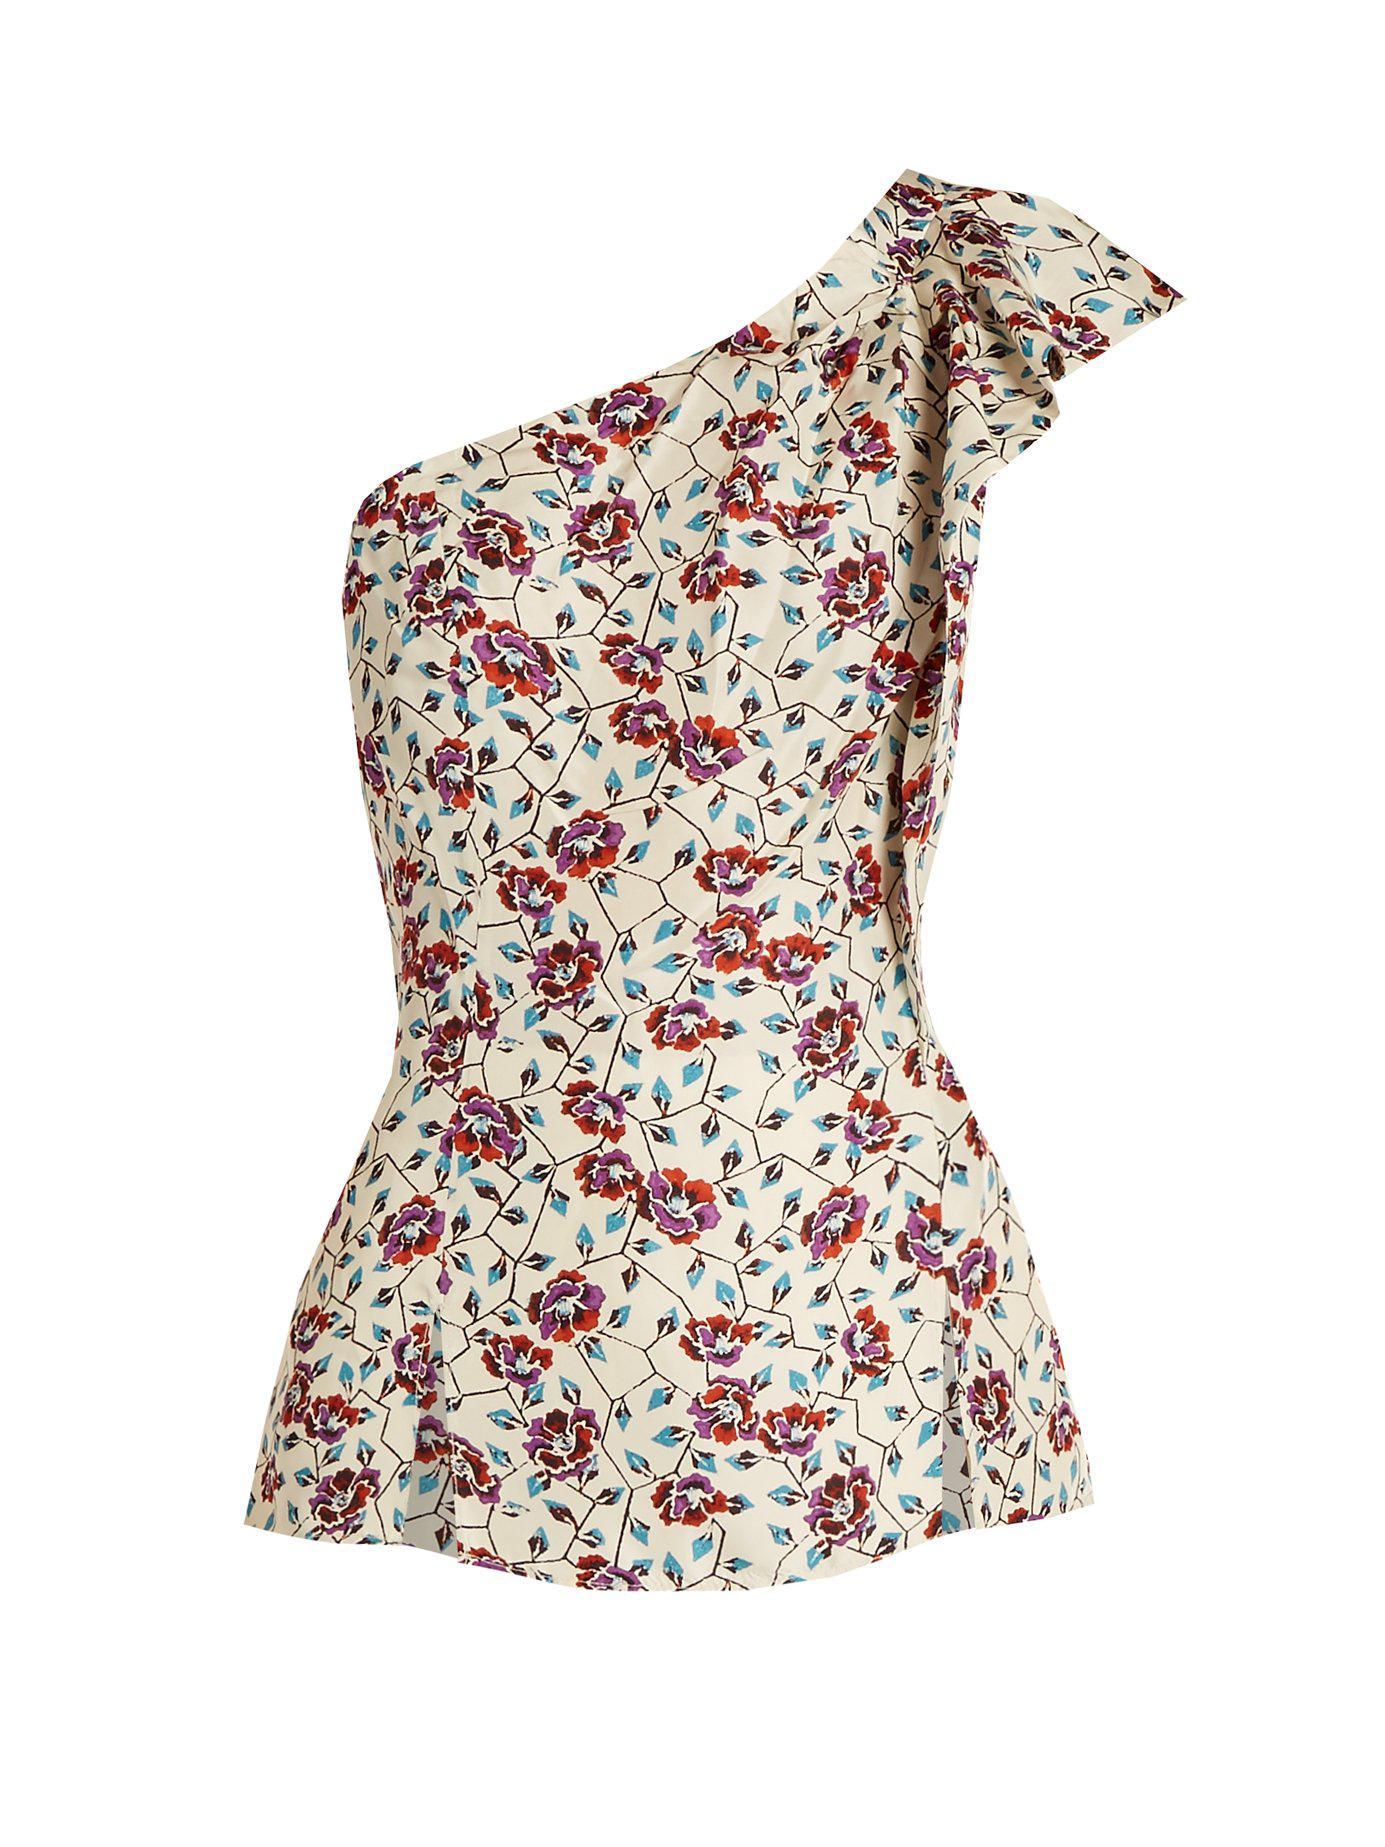 Isabel Marant Haut en soie à imprimé fleuri Rowina iLI0G6oSC